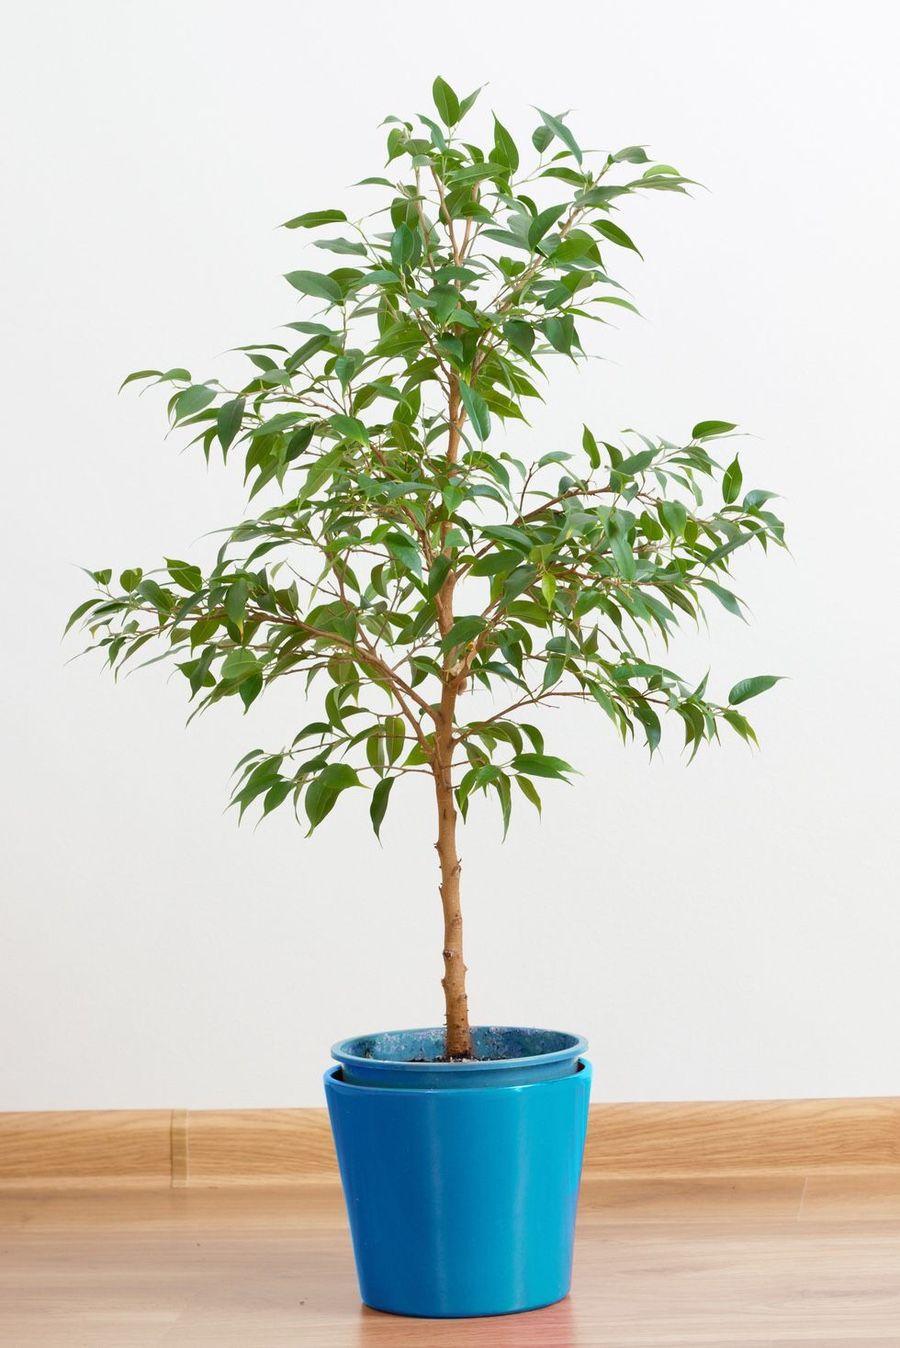 Come Riprodurre Il Ficus Benjamin pin di ingegnere su piante (con immagini) | piante